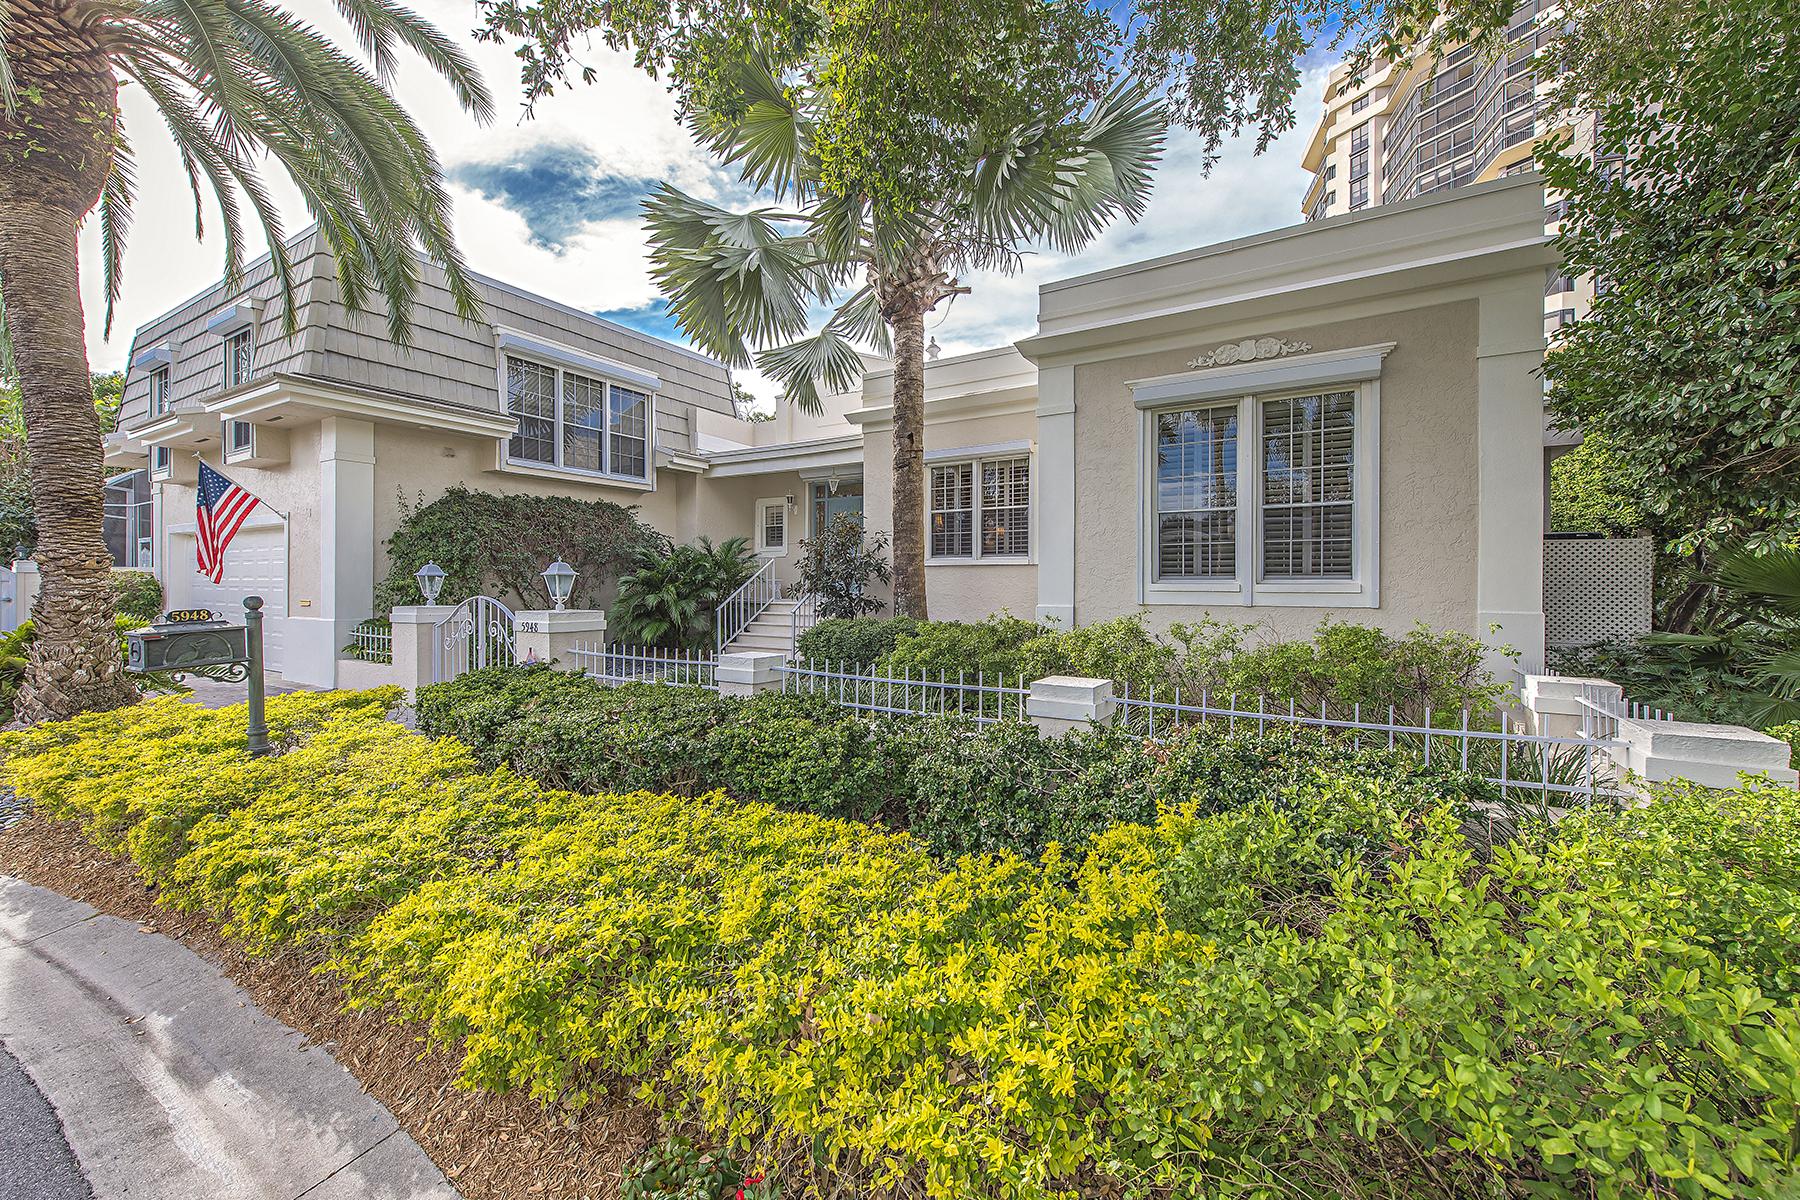 Nhà ở một gia đình vì Bán tại PELICAN BAY - CHANTECLAIR MANOR 5948 Chanteclair Dr Naples, Florida, 34108 Hoa Kỳ